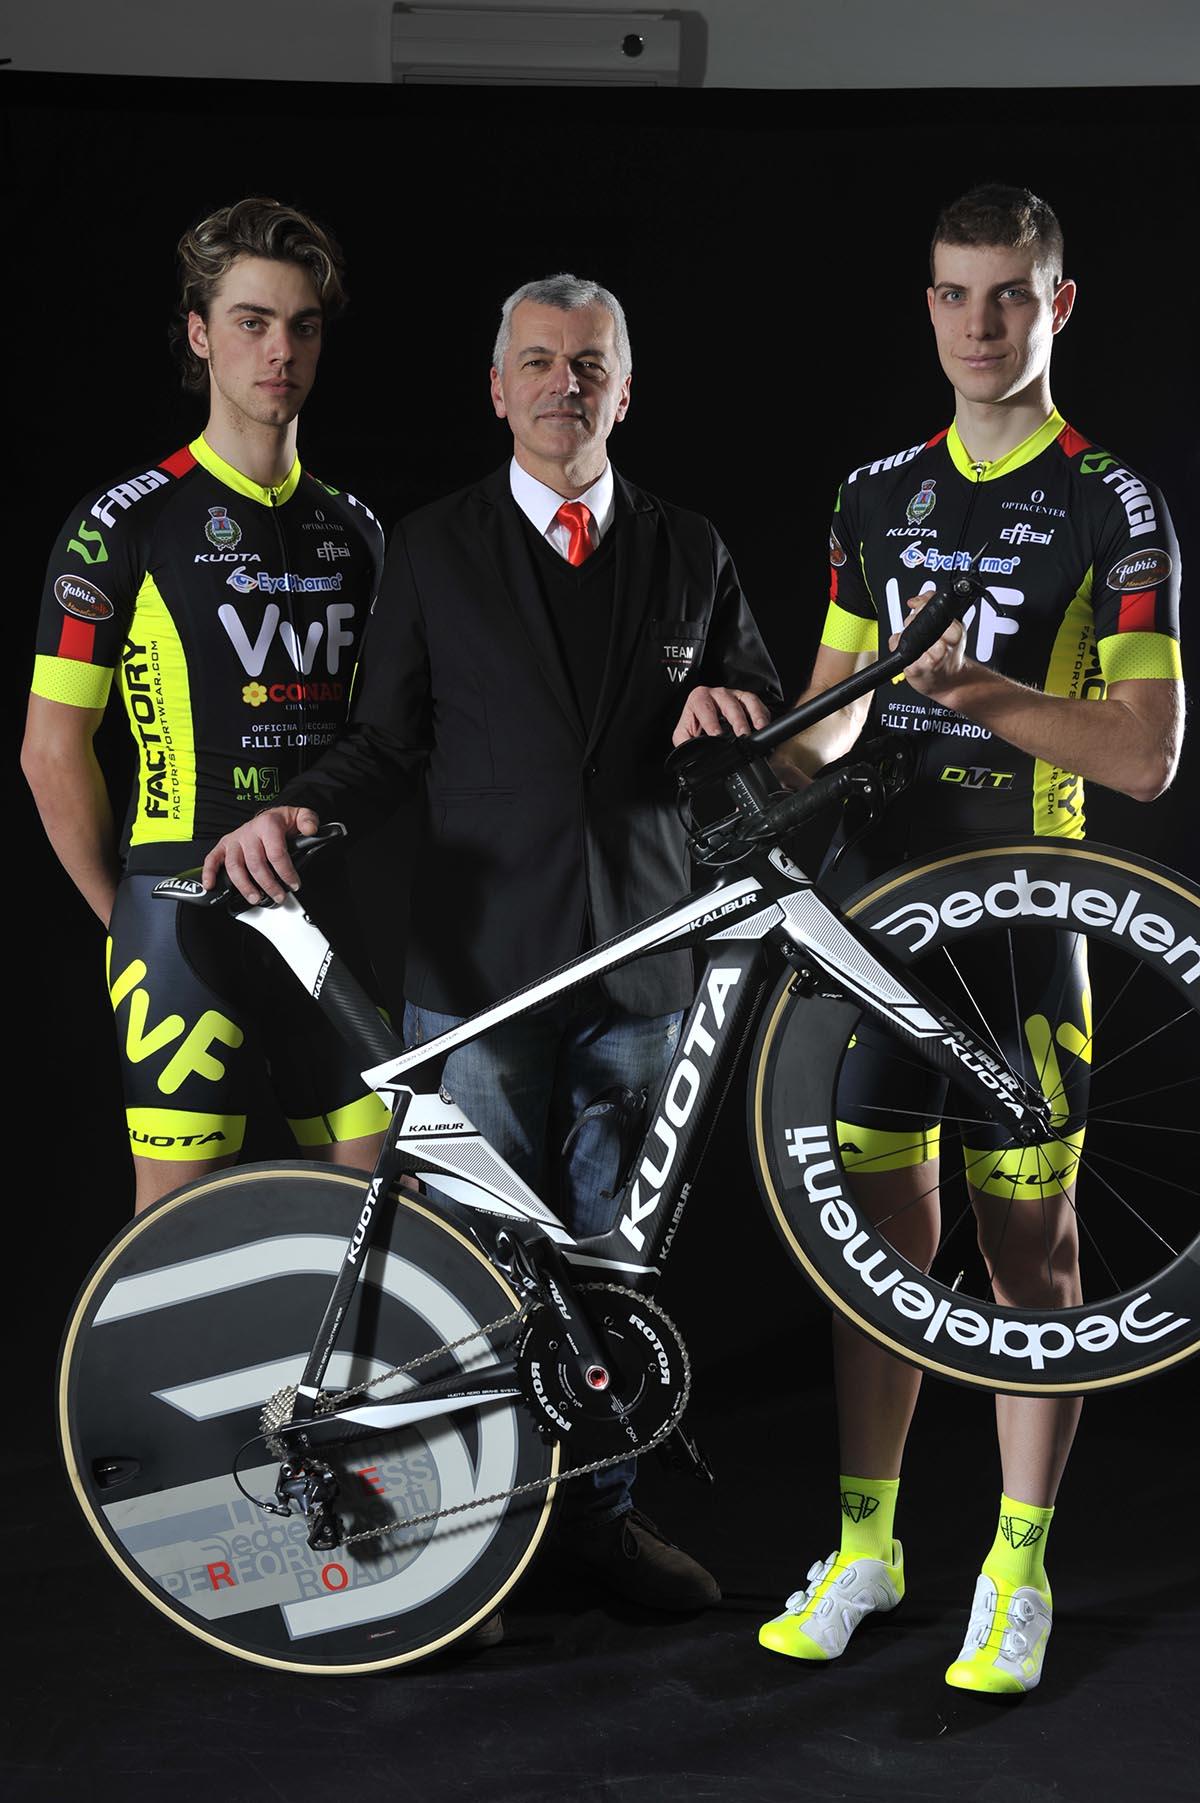 Il presidente del Team VVF Roberto Portunato con la bici Kuota